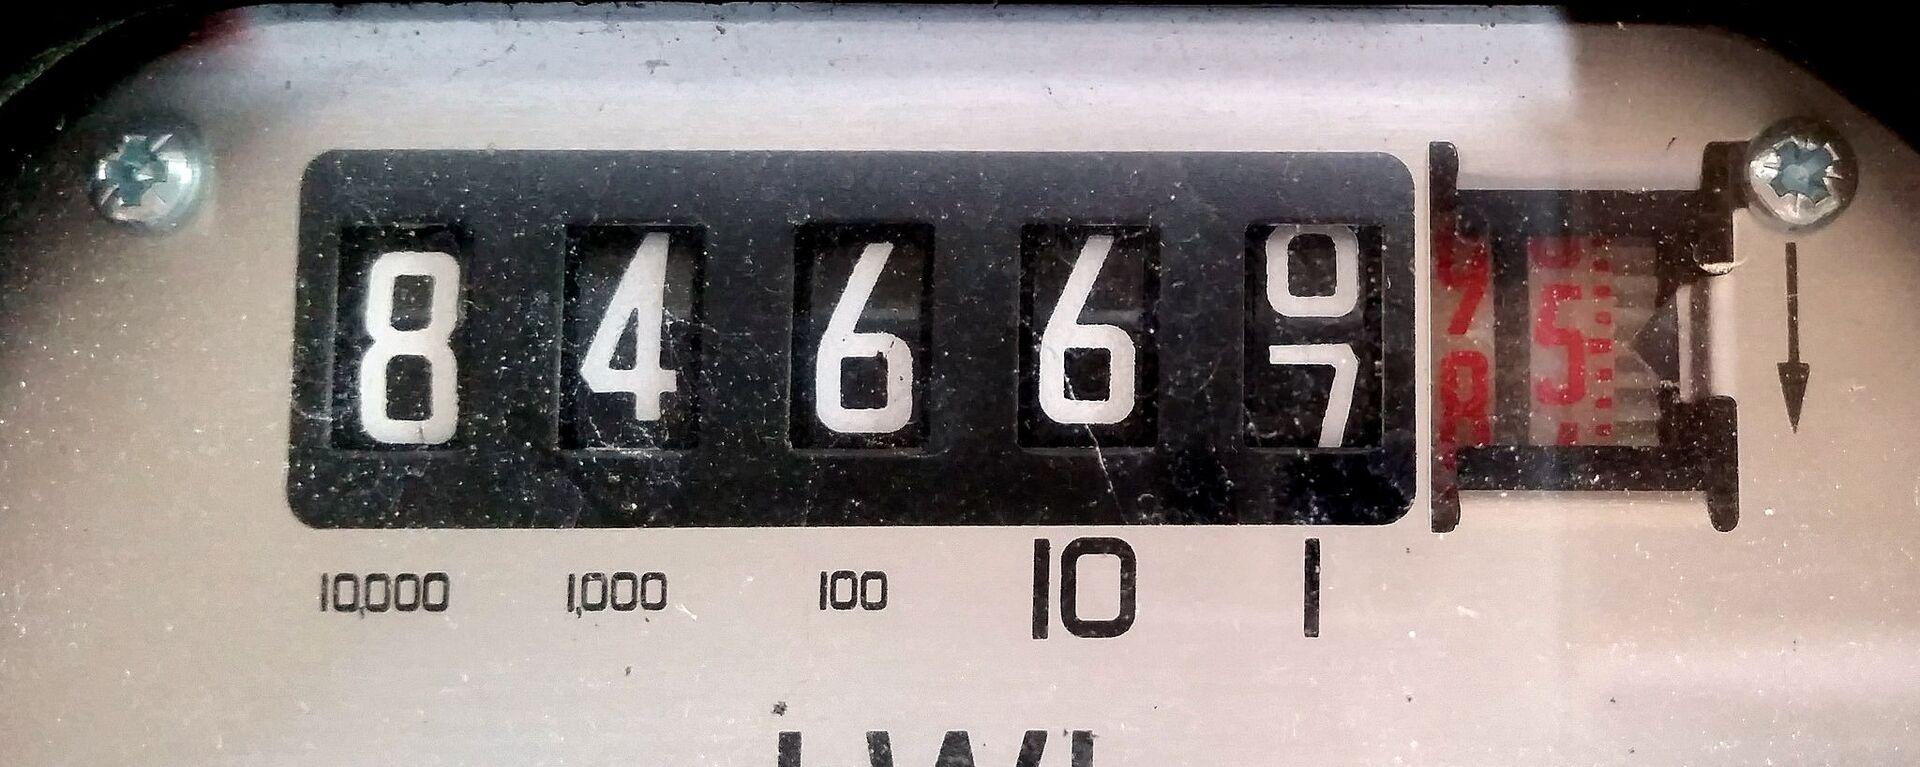 Счетчик электрической энергии - Sputnik Латвия, 1920, 12.10.2021